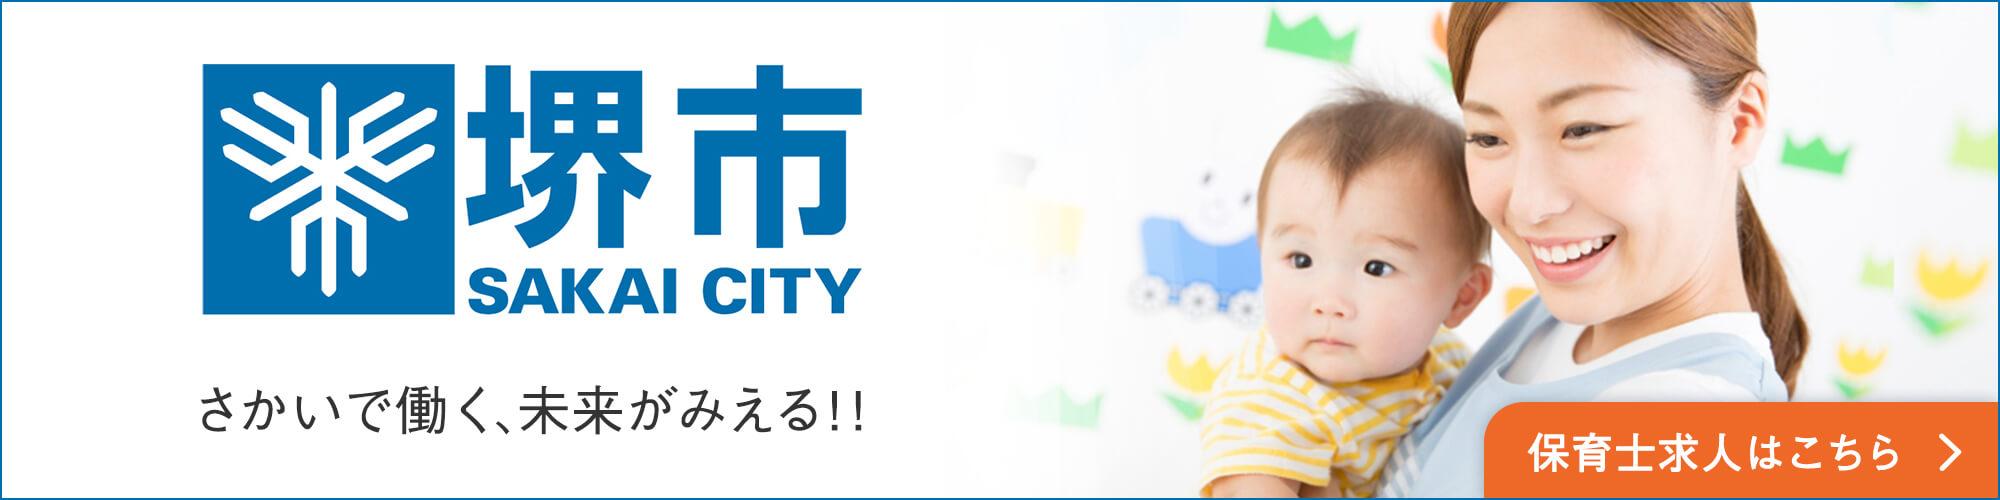 堺市 さかいで働く、未来が見える!!